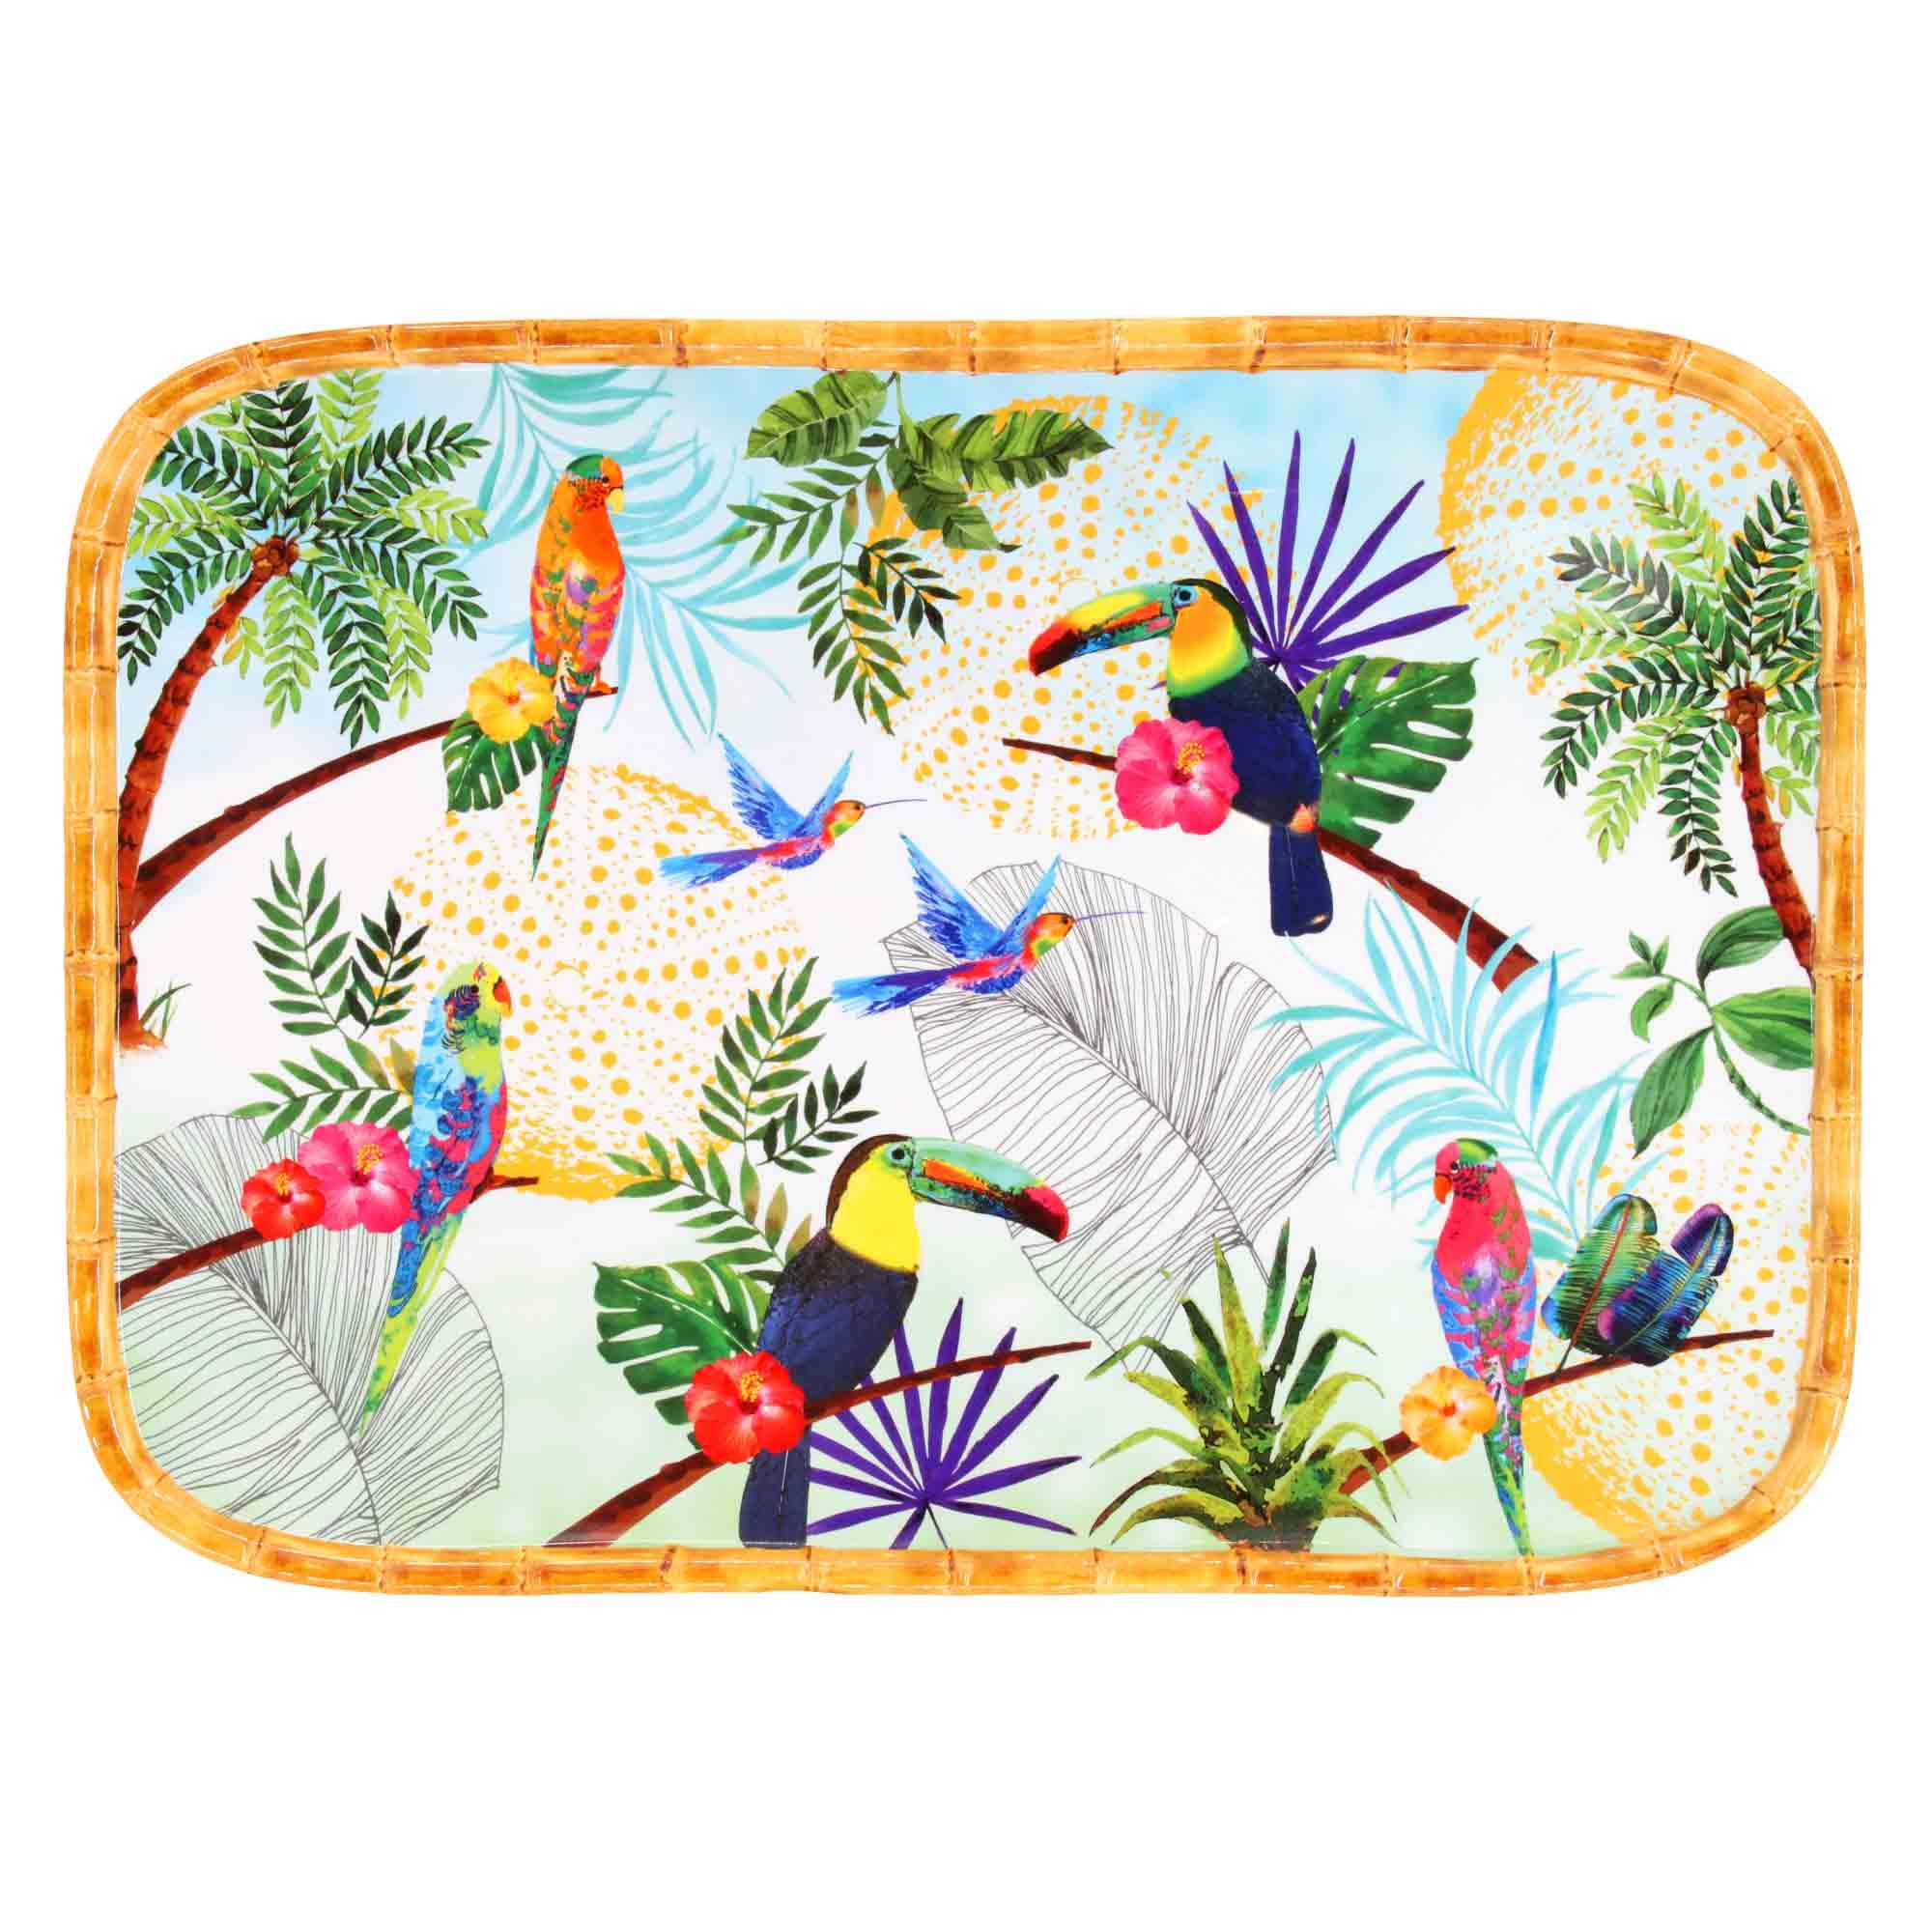 Plateau de présentation rectangulaire en mélamine imprimé toucans